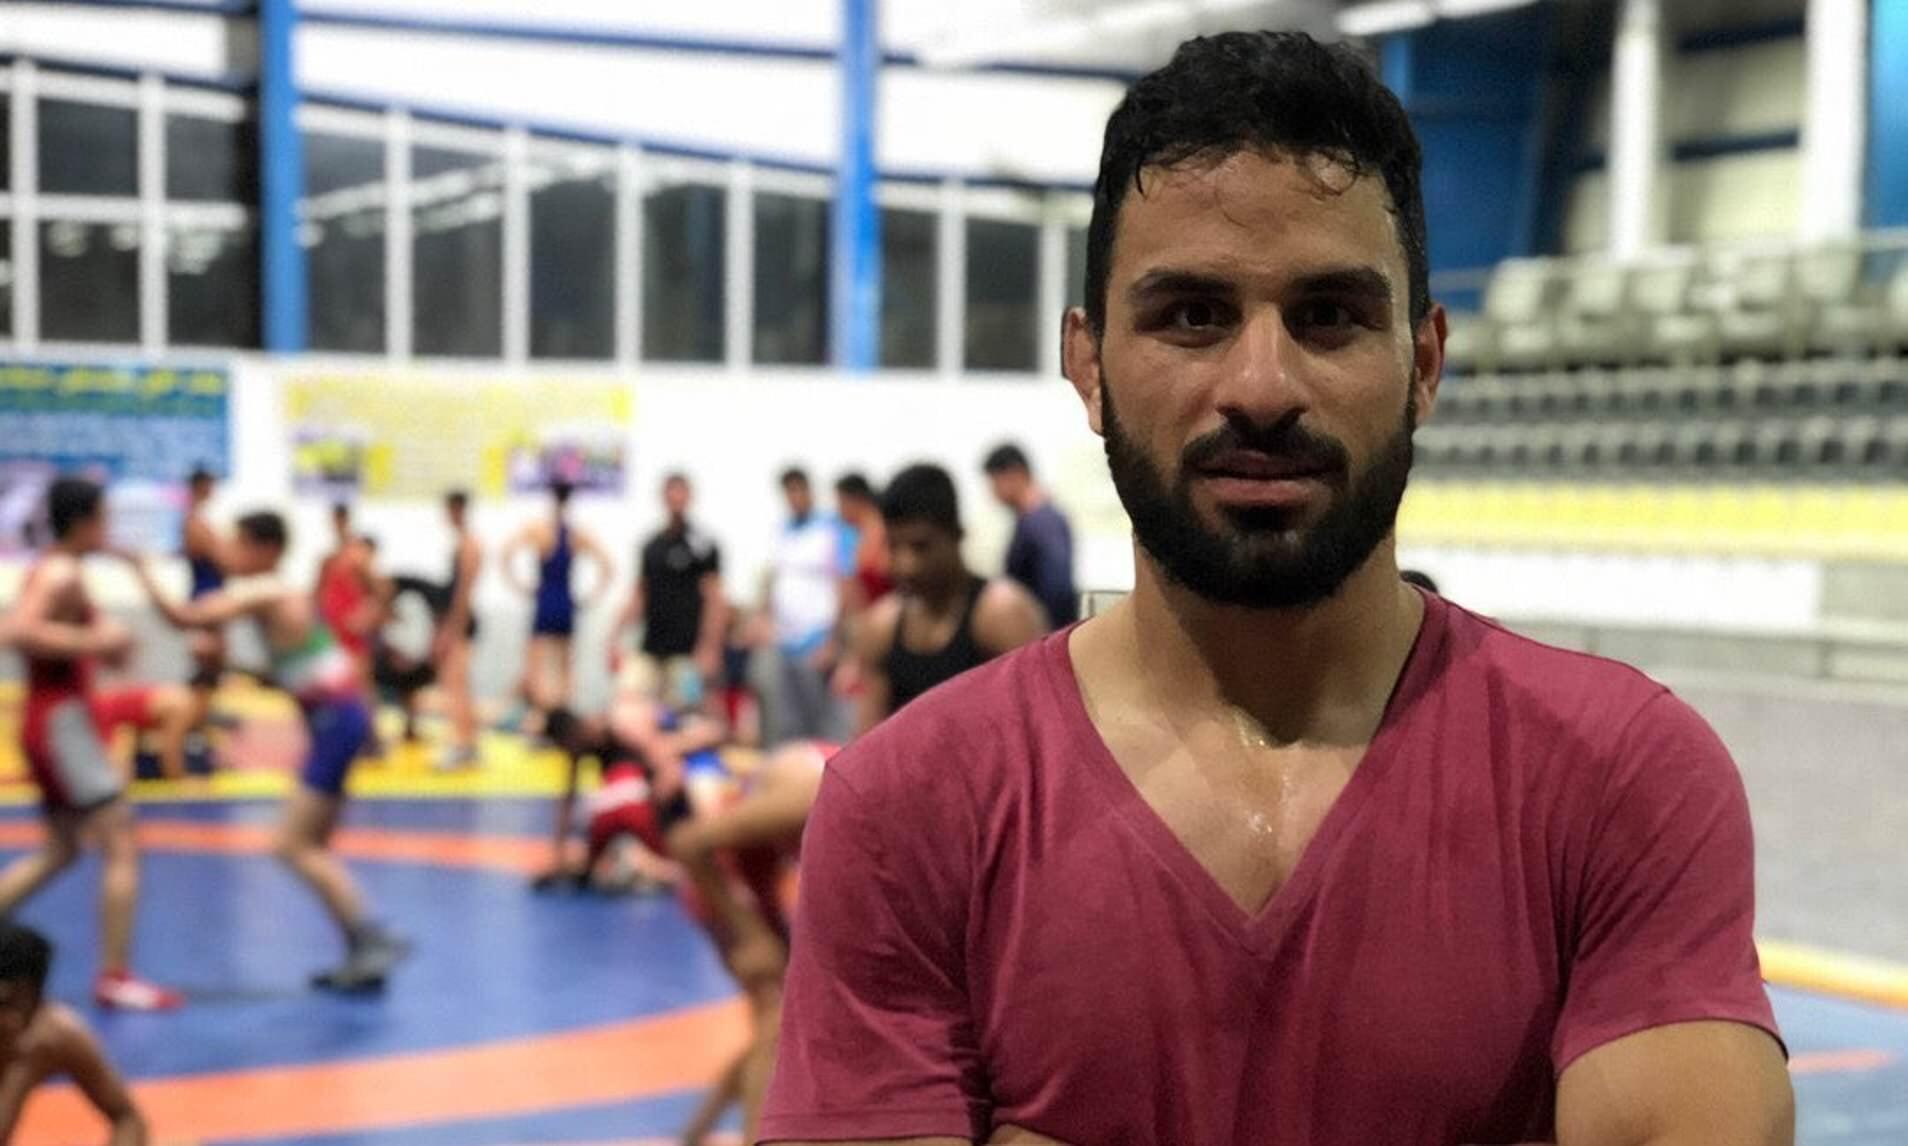 Иранского борца хотят повесить за участие в митинге против власти. За него уже вступился президент UFC и Трамп